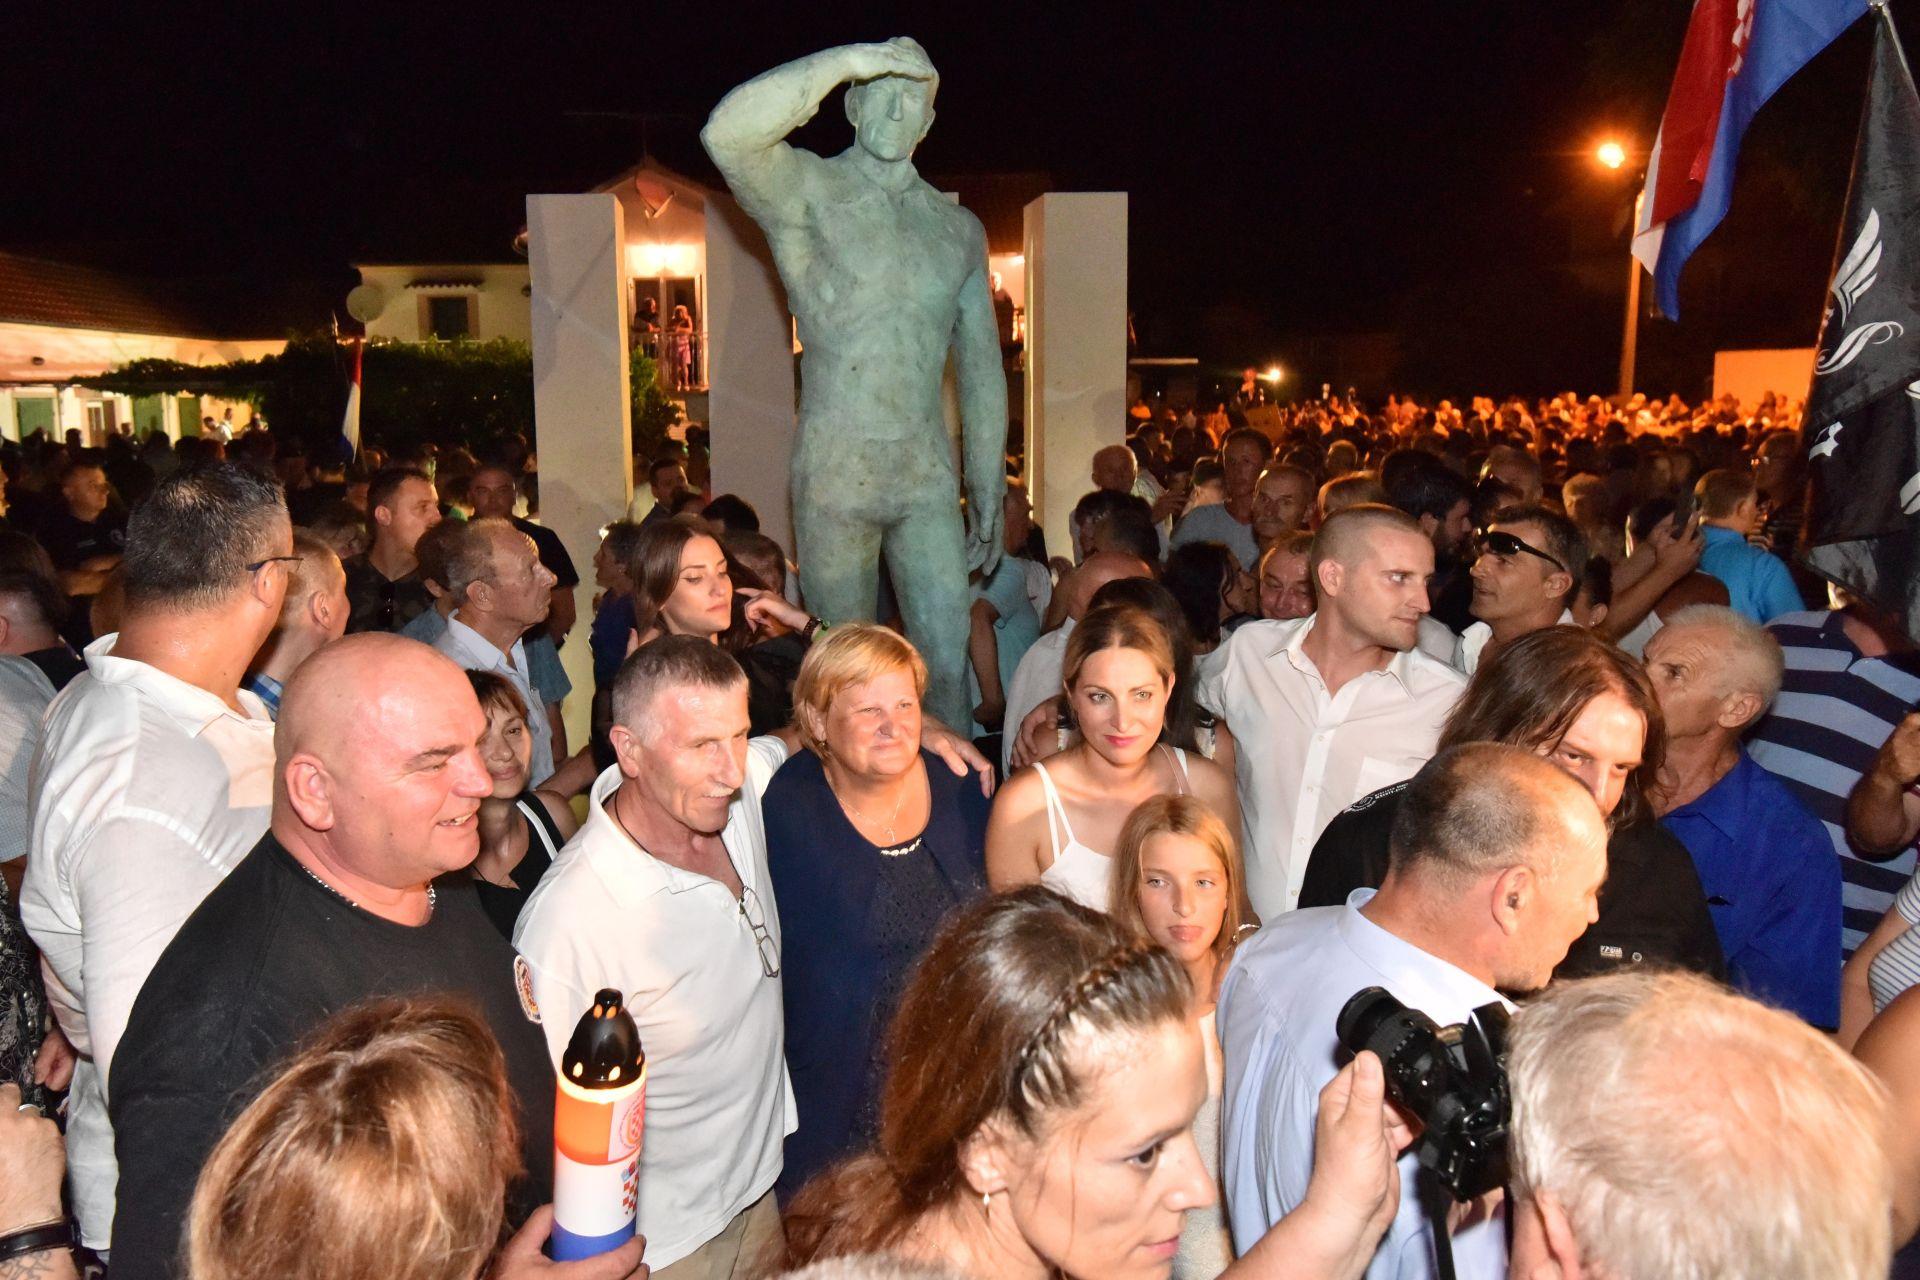 SPOMENIK MIRI BAREŠIĆU: Crna Gora uputila prosvjednu notu Hrvatskoj